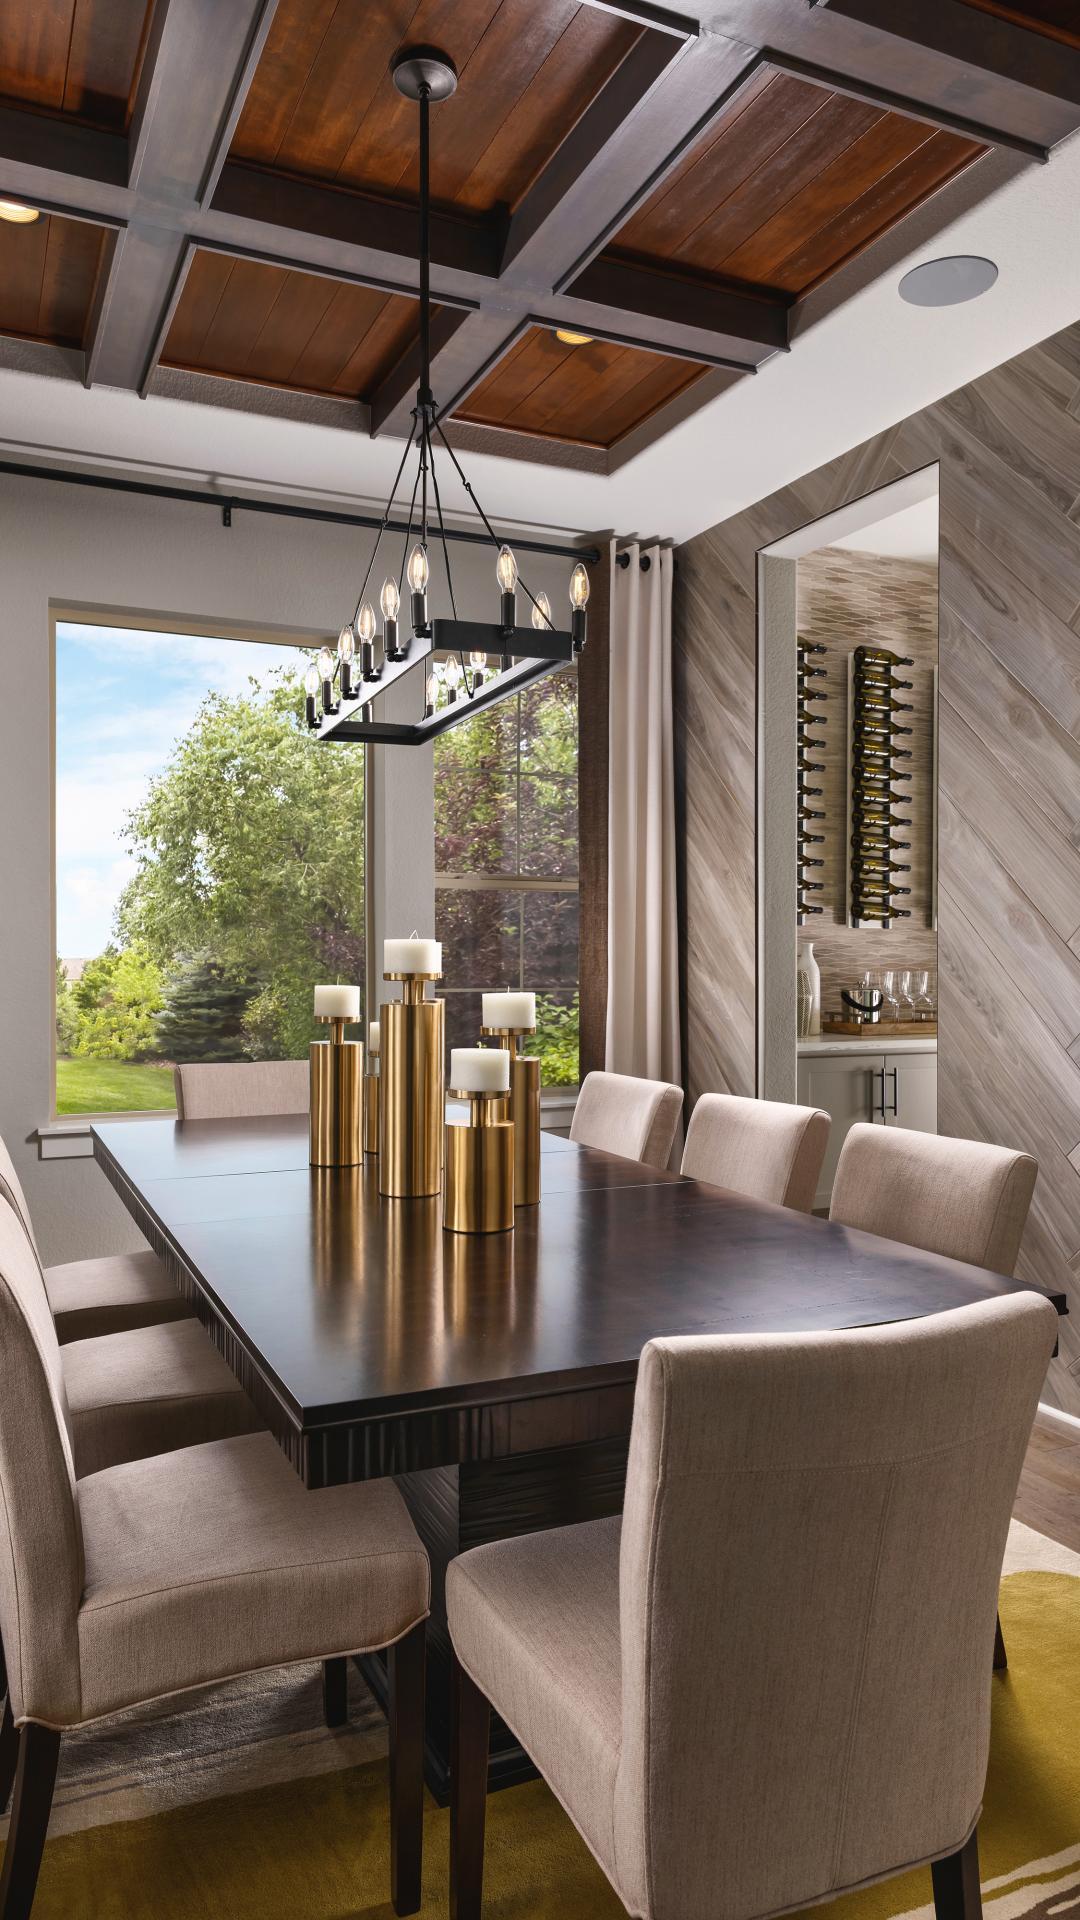 Dillon formal dining room